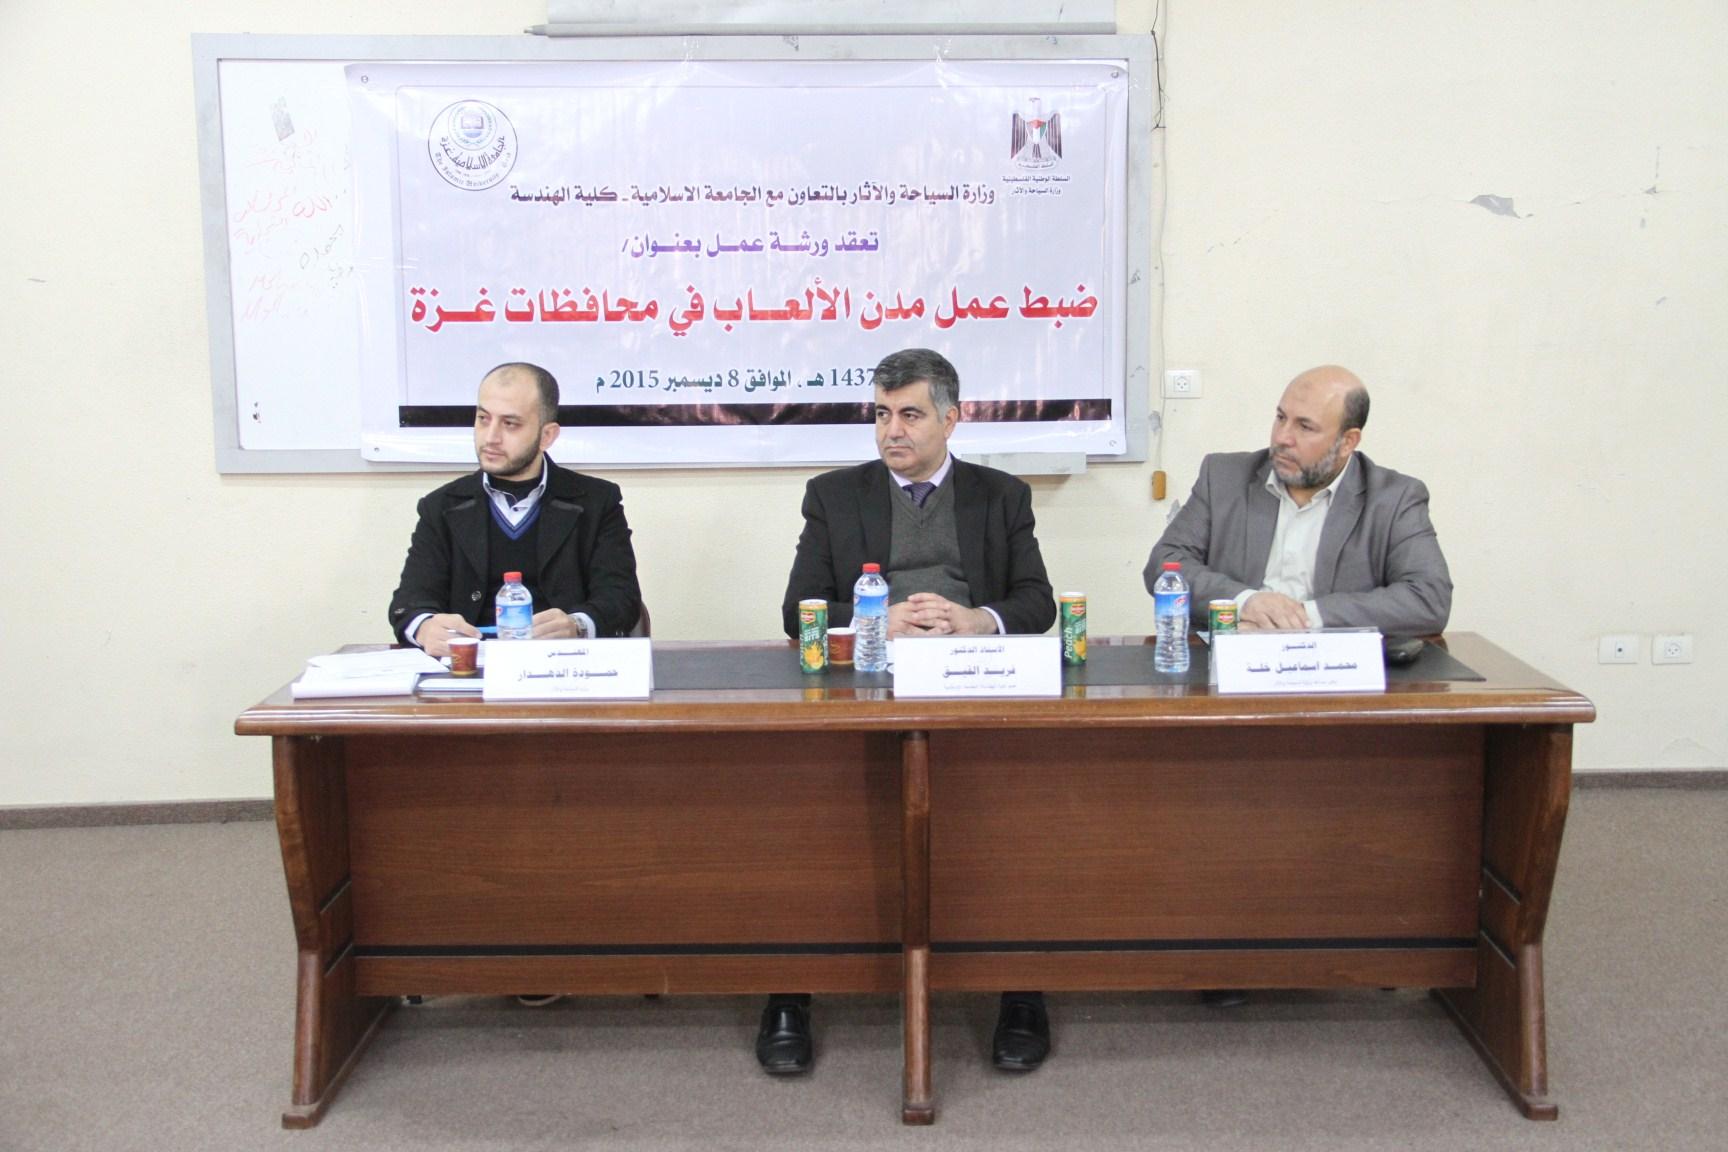 السياحة والآثار تنظم ورشة عمل حول تنظيم عمل مدن الألعاب في غزة